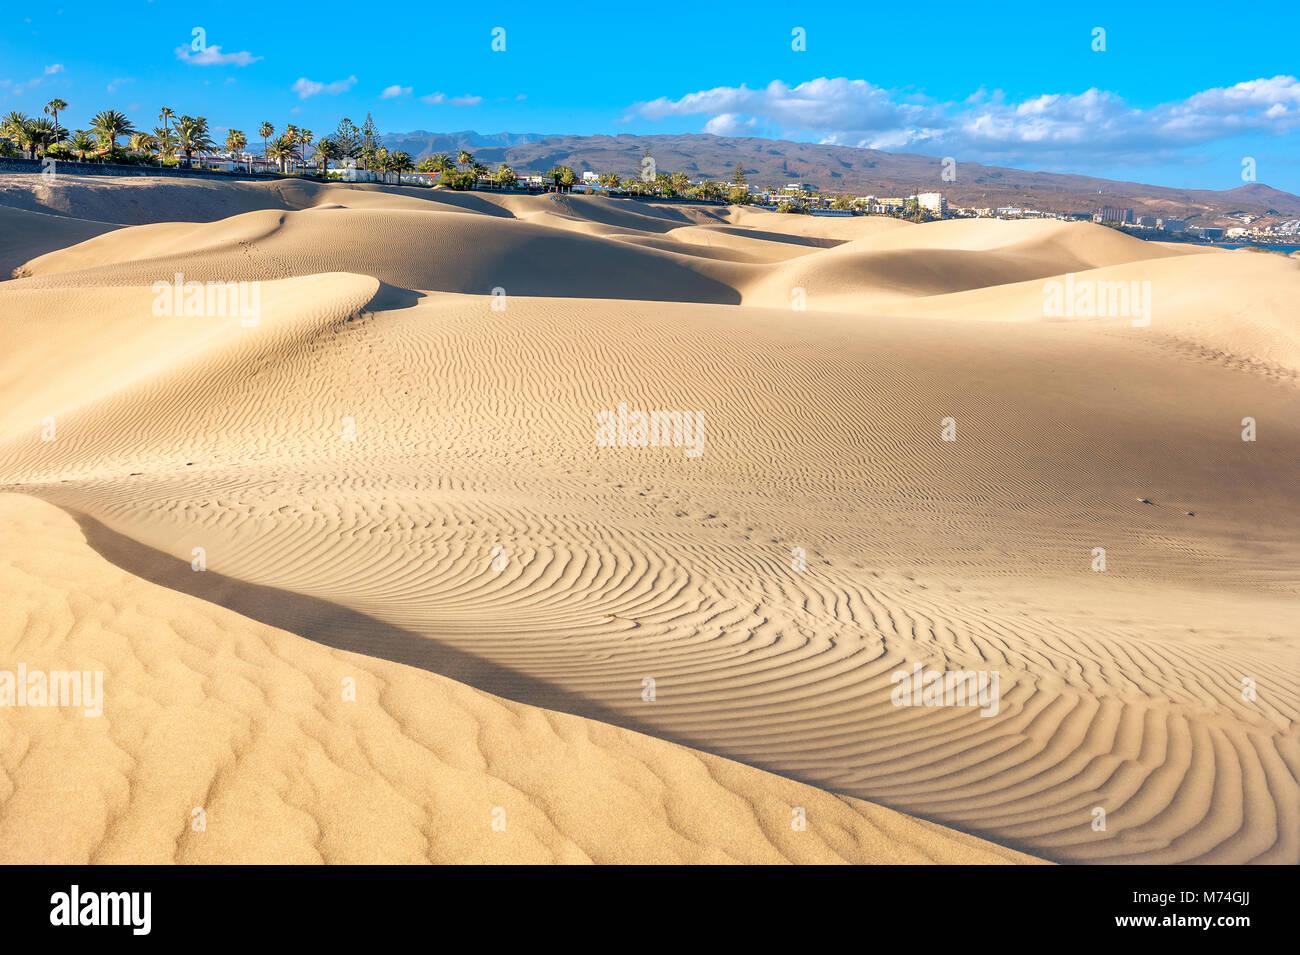 Sanddünen im berühmten natürlichen Strand von Maspalomas. Gran Canaria, Kanarische Inseln, Spanien Stockfoto